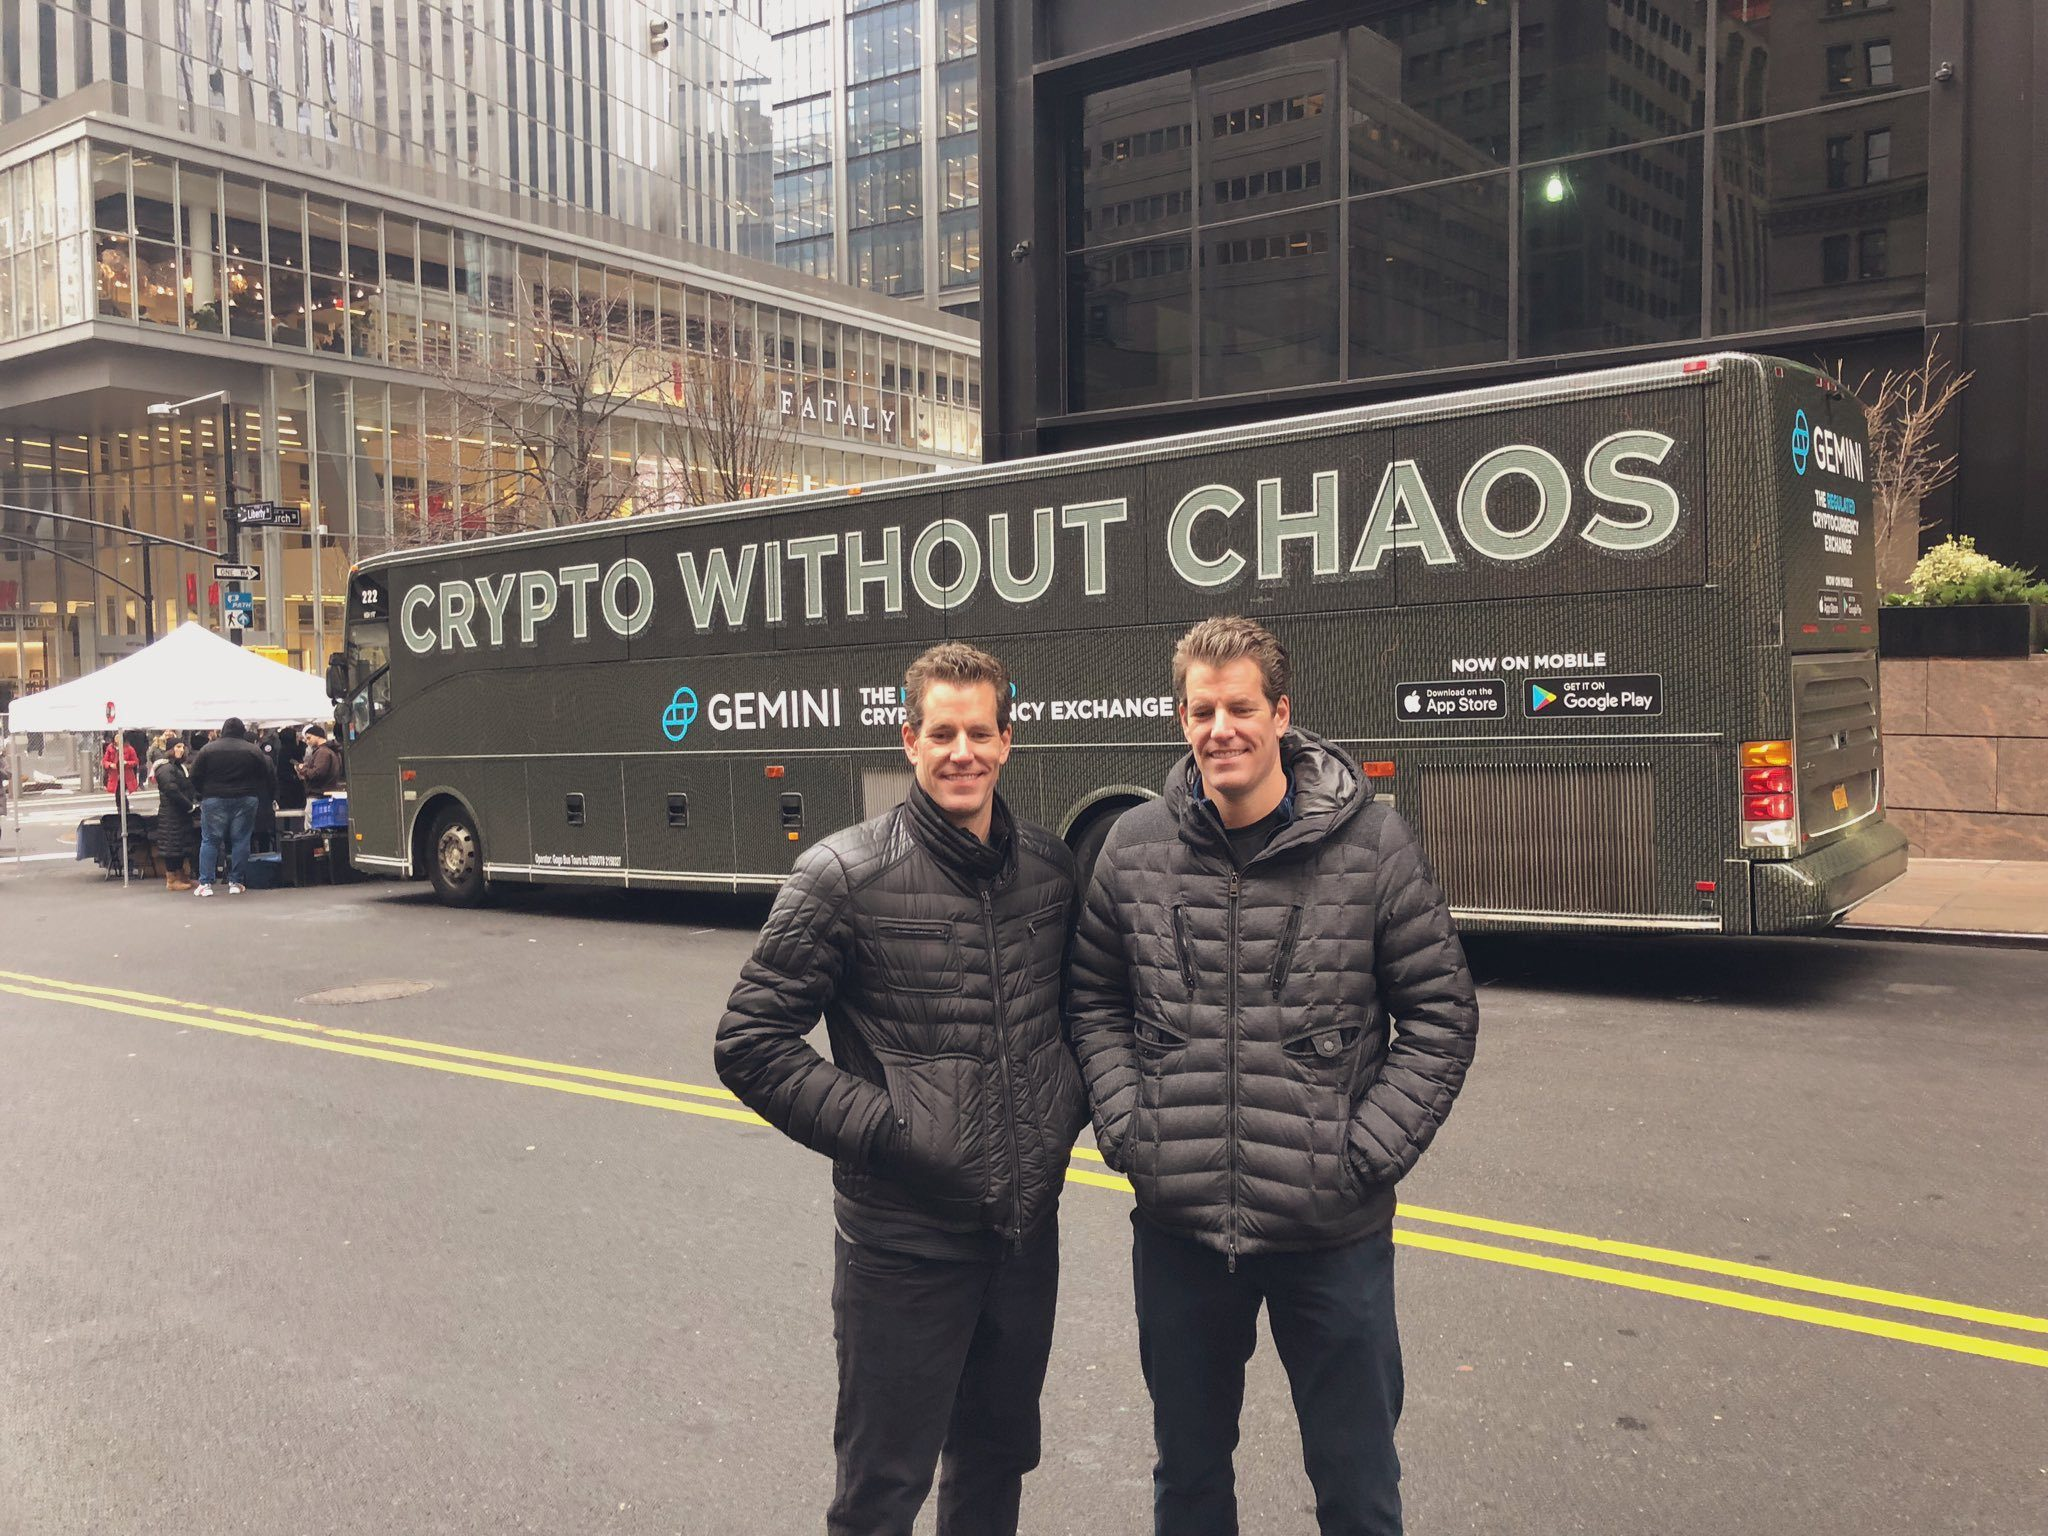 """giá bitcoin: Anh em tỉ phú Winklevoss: """"Tứ đại gia"""" FANG sau 2 năm nữa kiểu gì cũng sẽ phát triển đồng tiền điện tử riêng"""